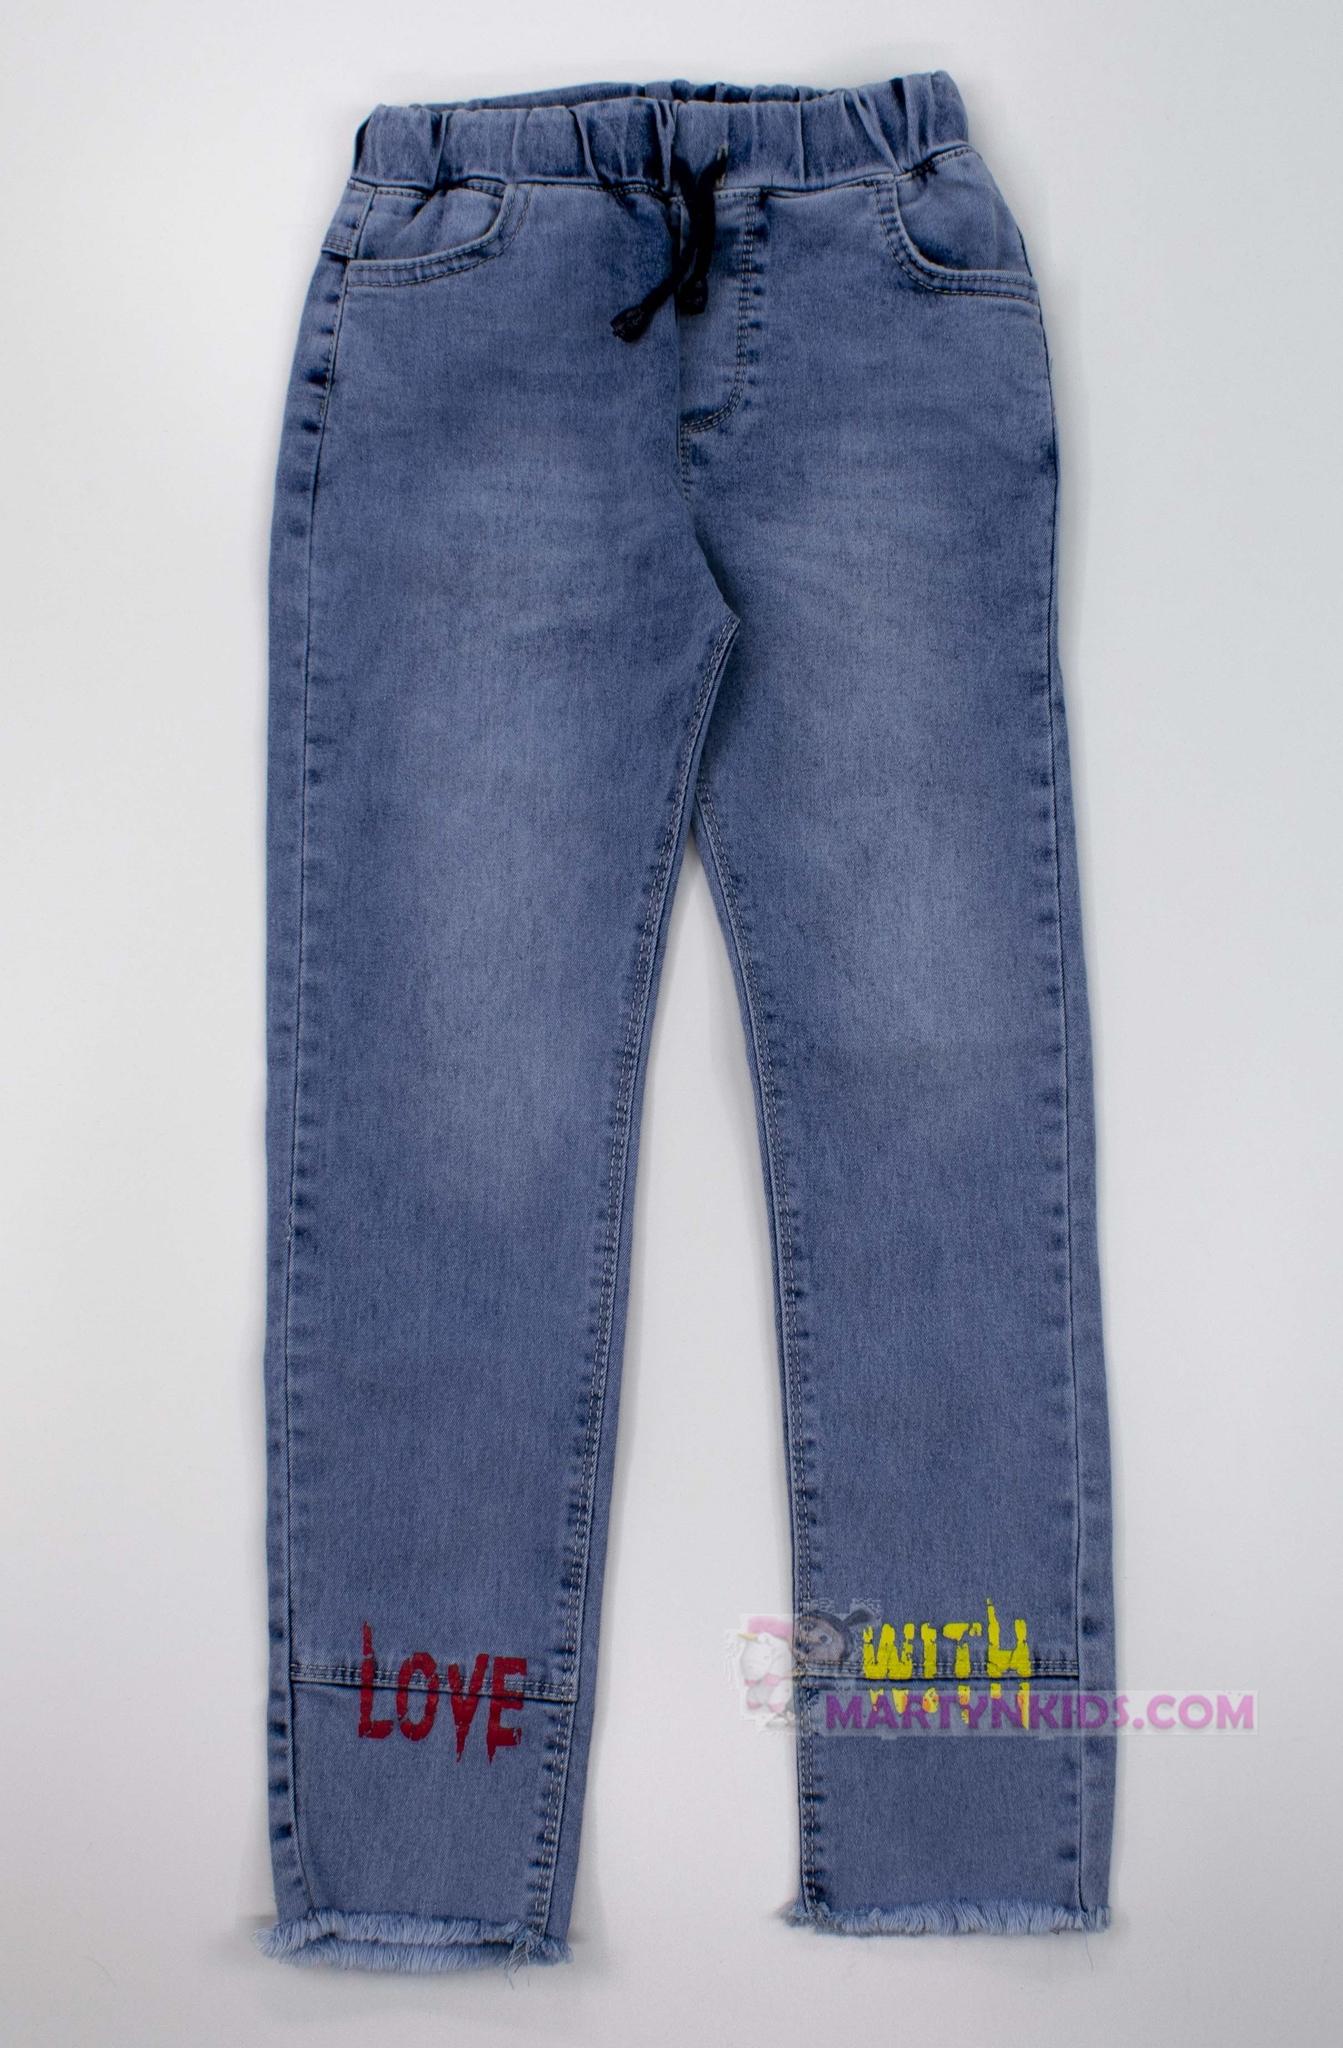 3388  джинсы Надписи стрейч